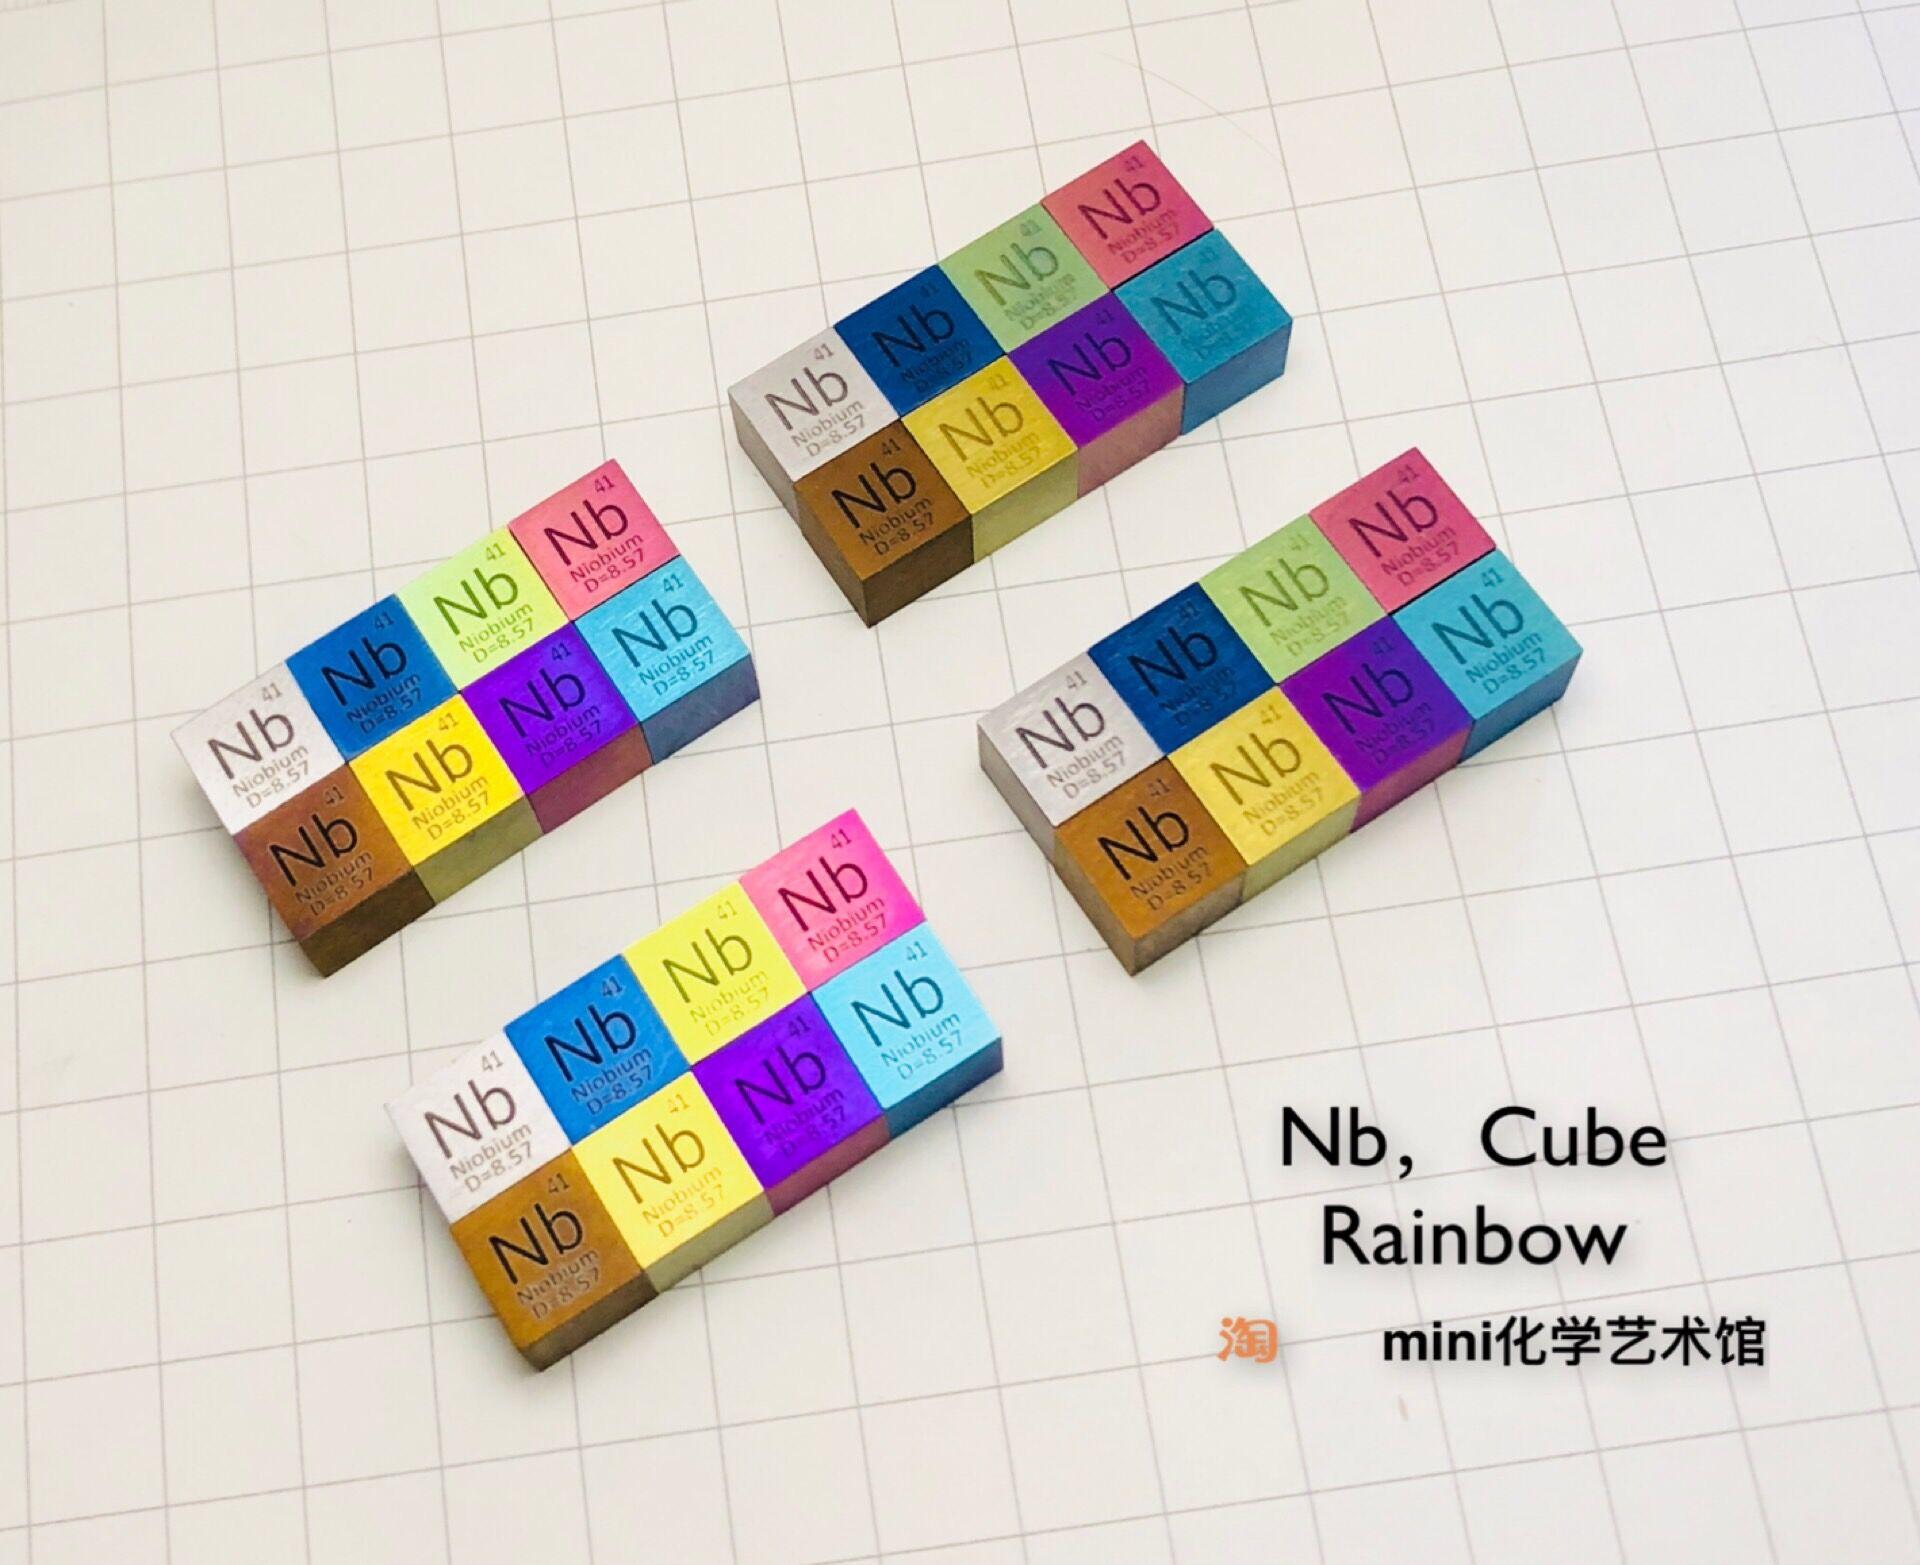 مجموعة واحدة من 8 قطعة النيوبيوم مكعب معدن النيوبيوم الجدول الدوري مكعب النقاء مواصفات مع اللون الحقيقي